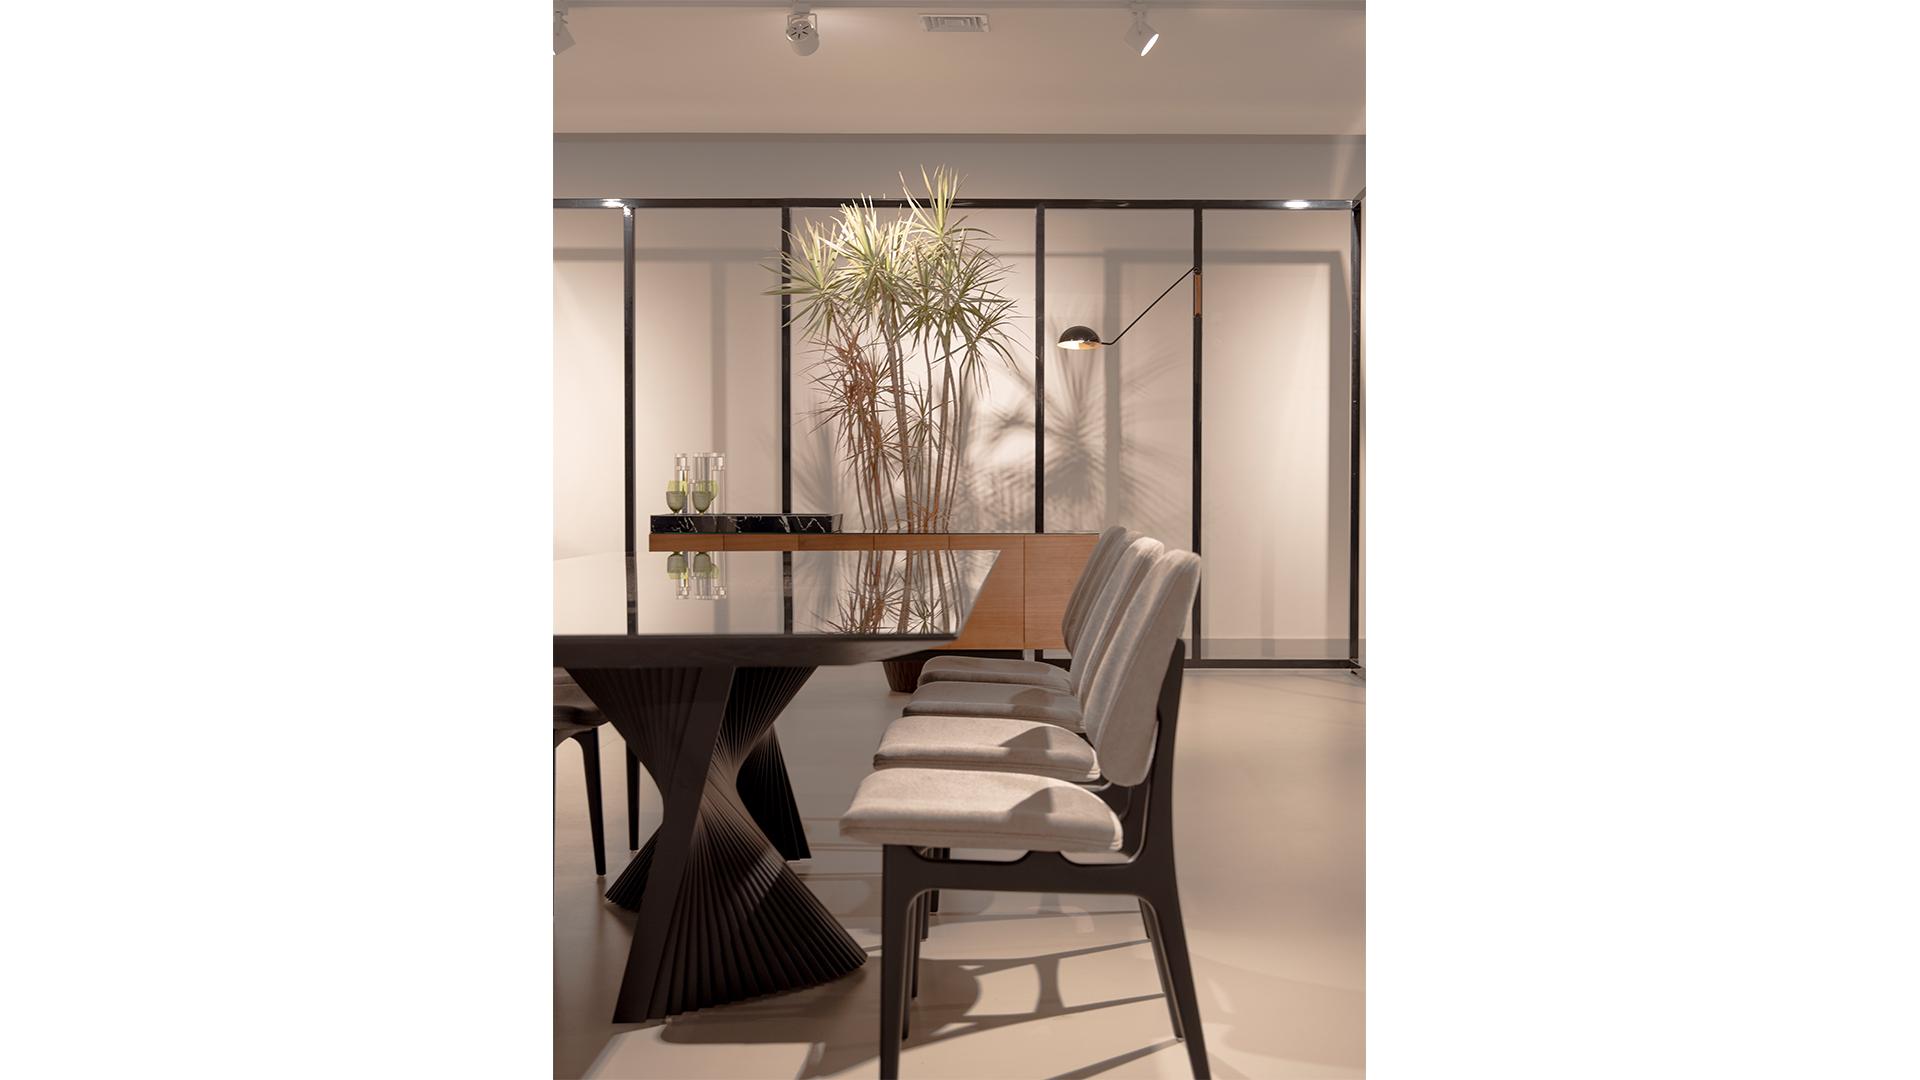 O portfólio da Móveis Campo Largo é uma fonte de inspiração para criar e renovar ambientes.